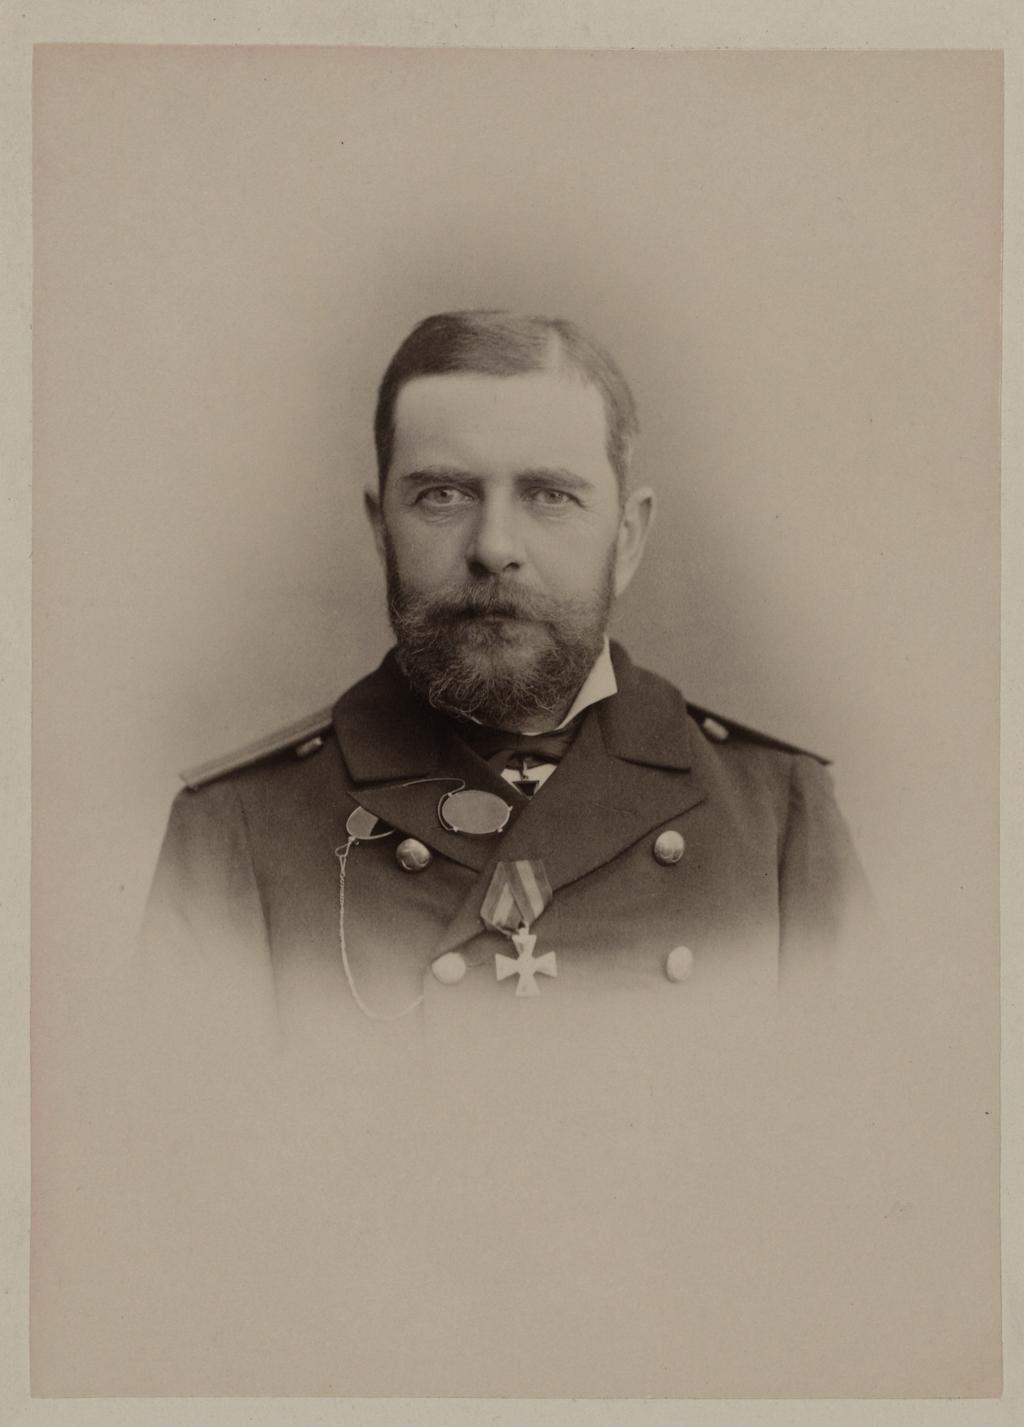 П. Н. Вульф. Командир клипера Разбойник с 1886 по 1902 г.